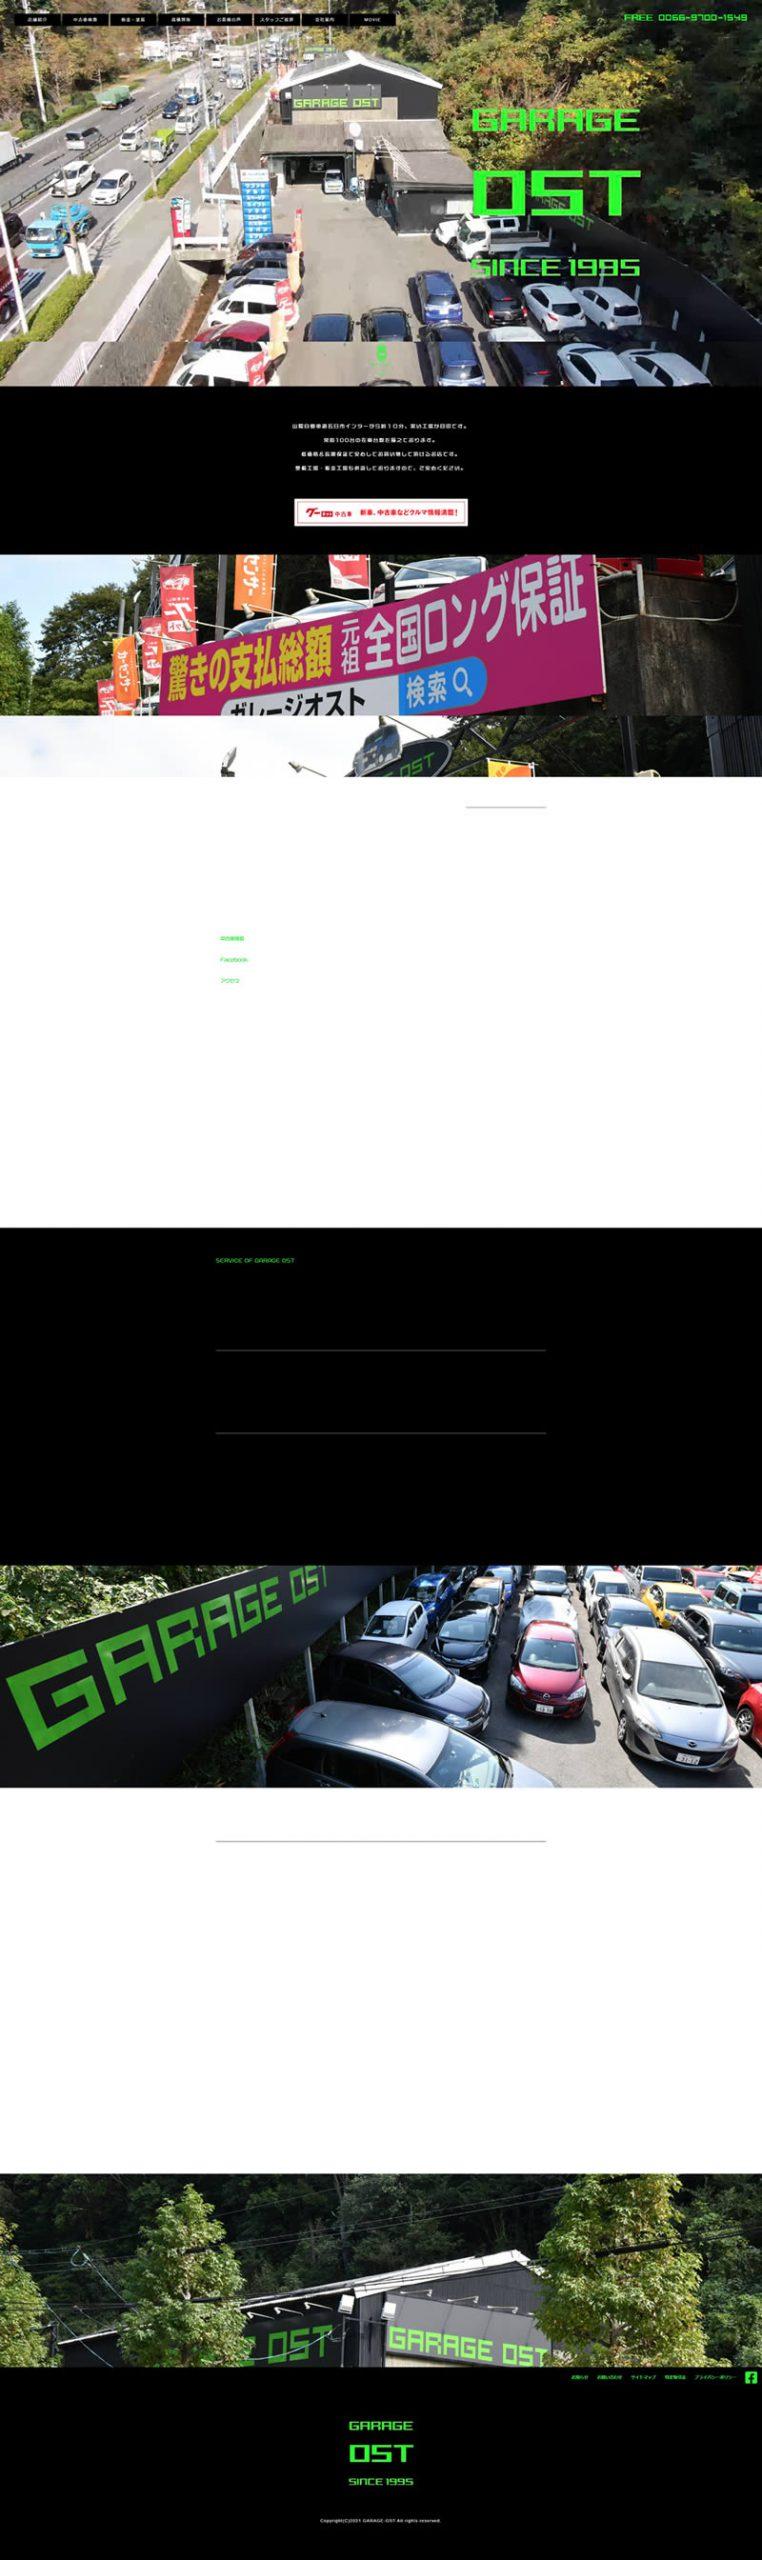 ガレージオスト様ホームページ